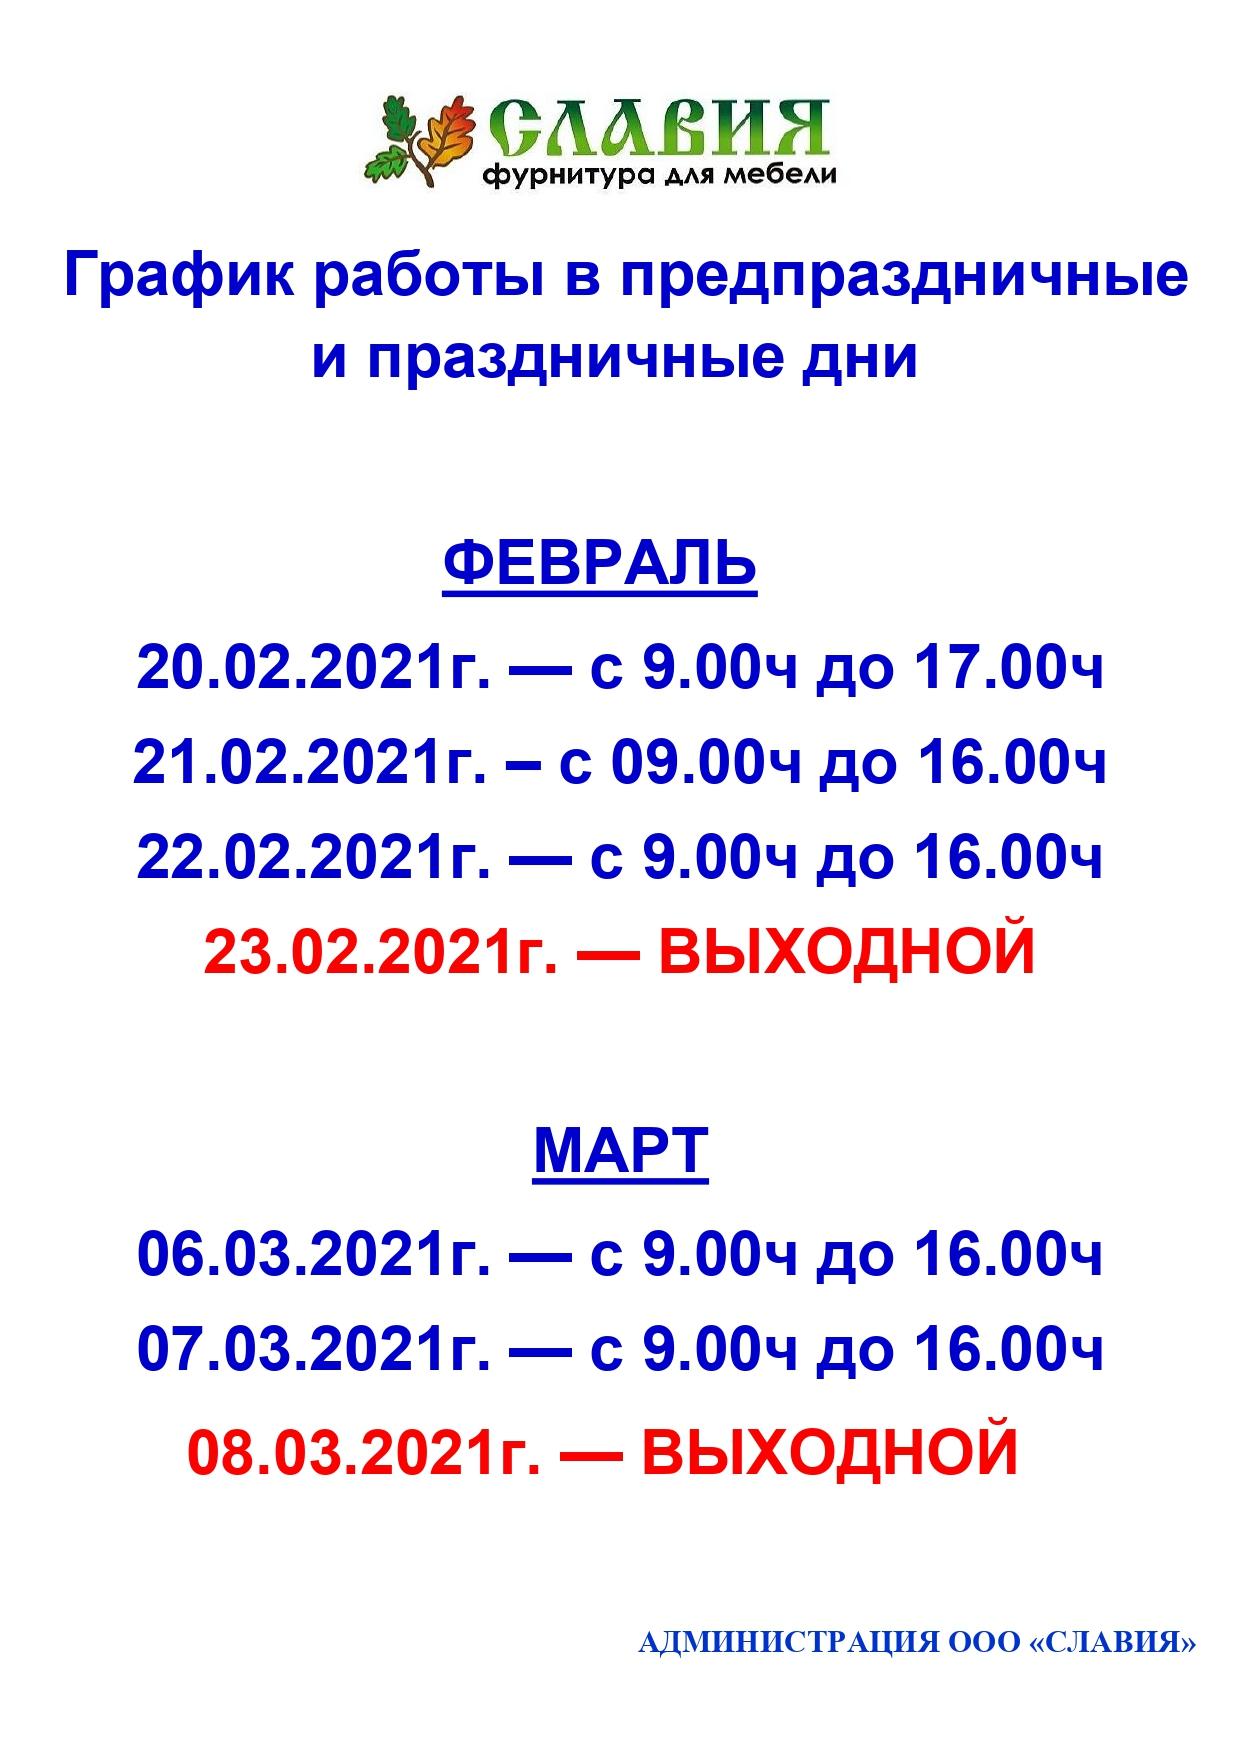 Магазин не работает 23.02.21 a_page-0001